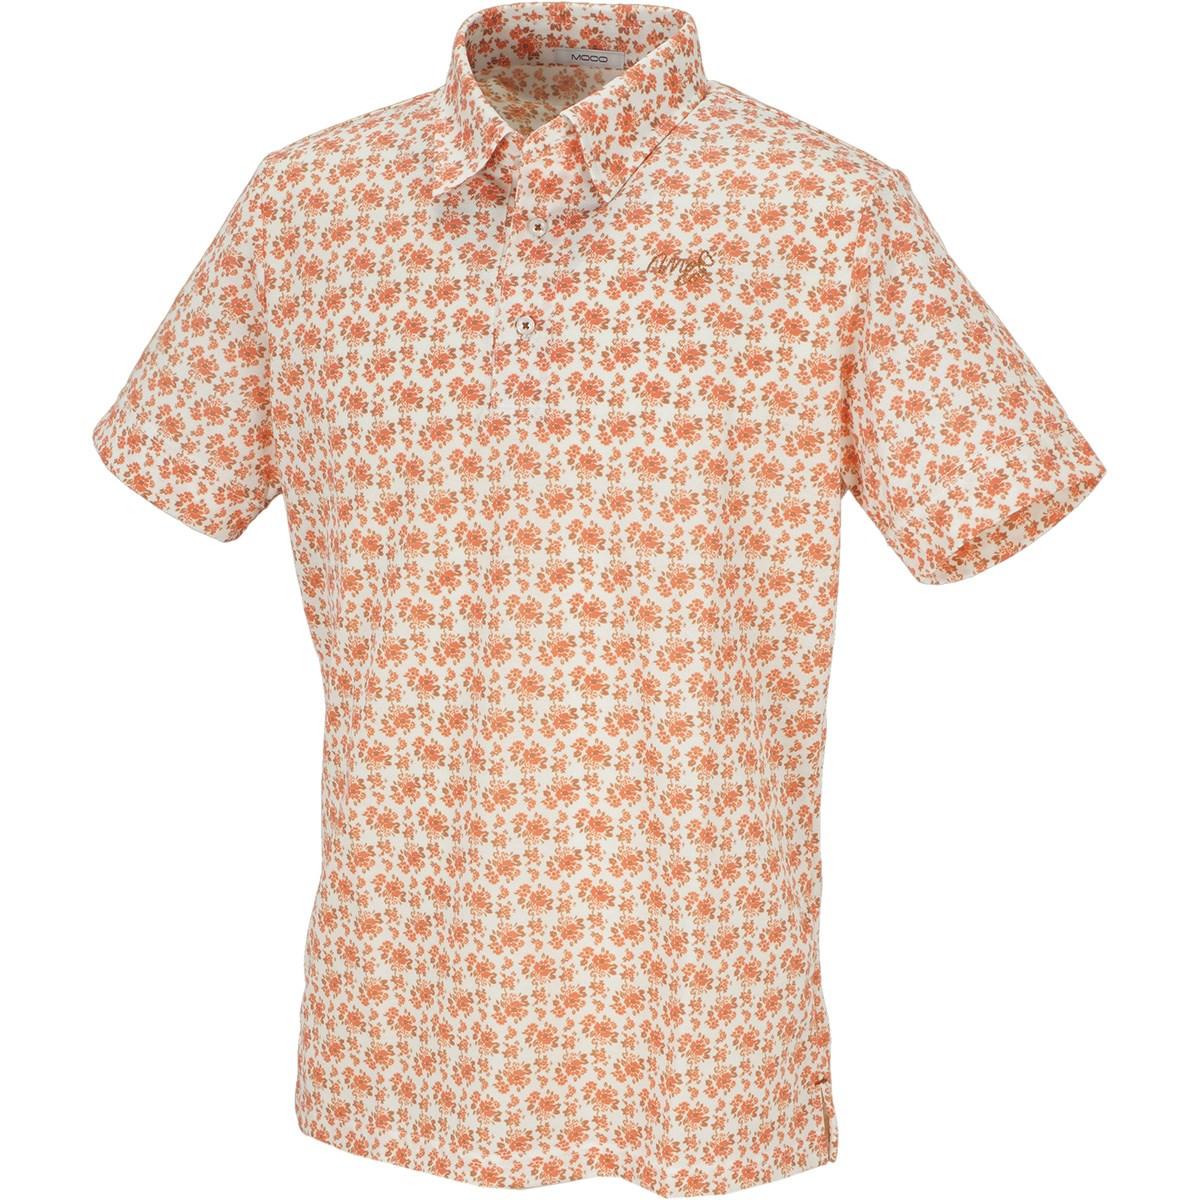 モコ フラワープリント 半袖ポロシャツ